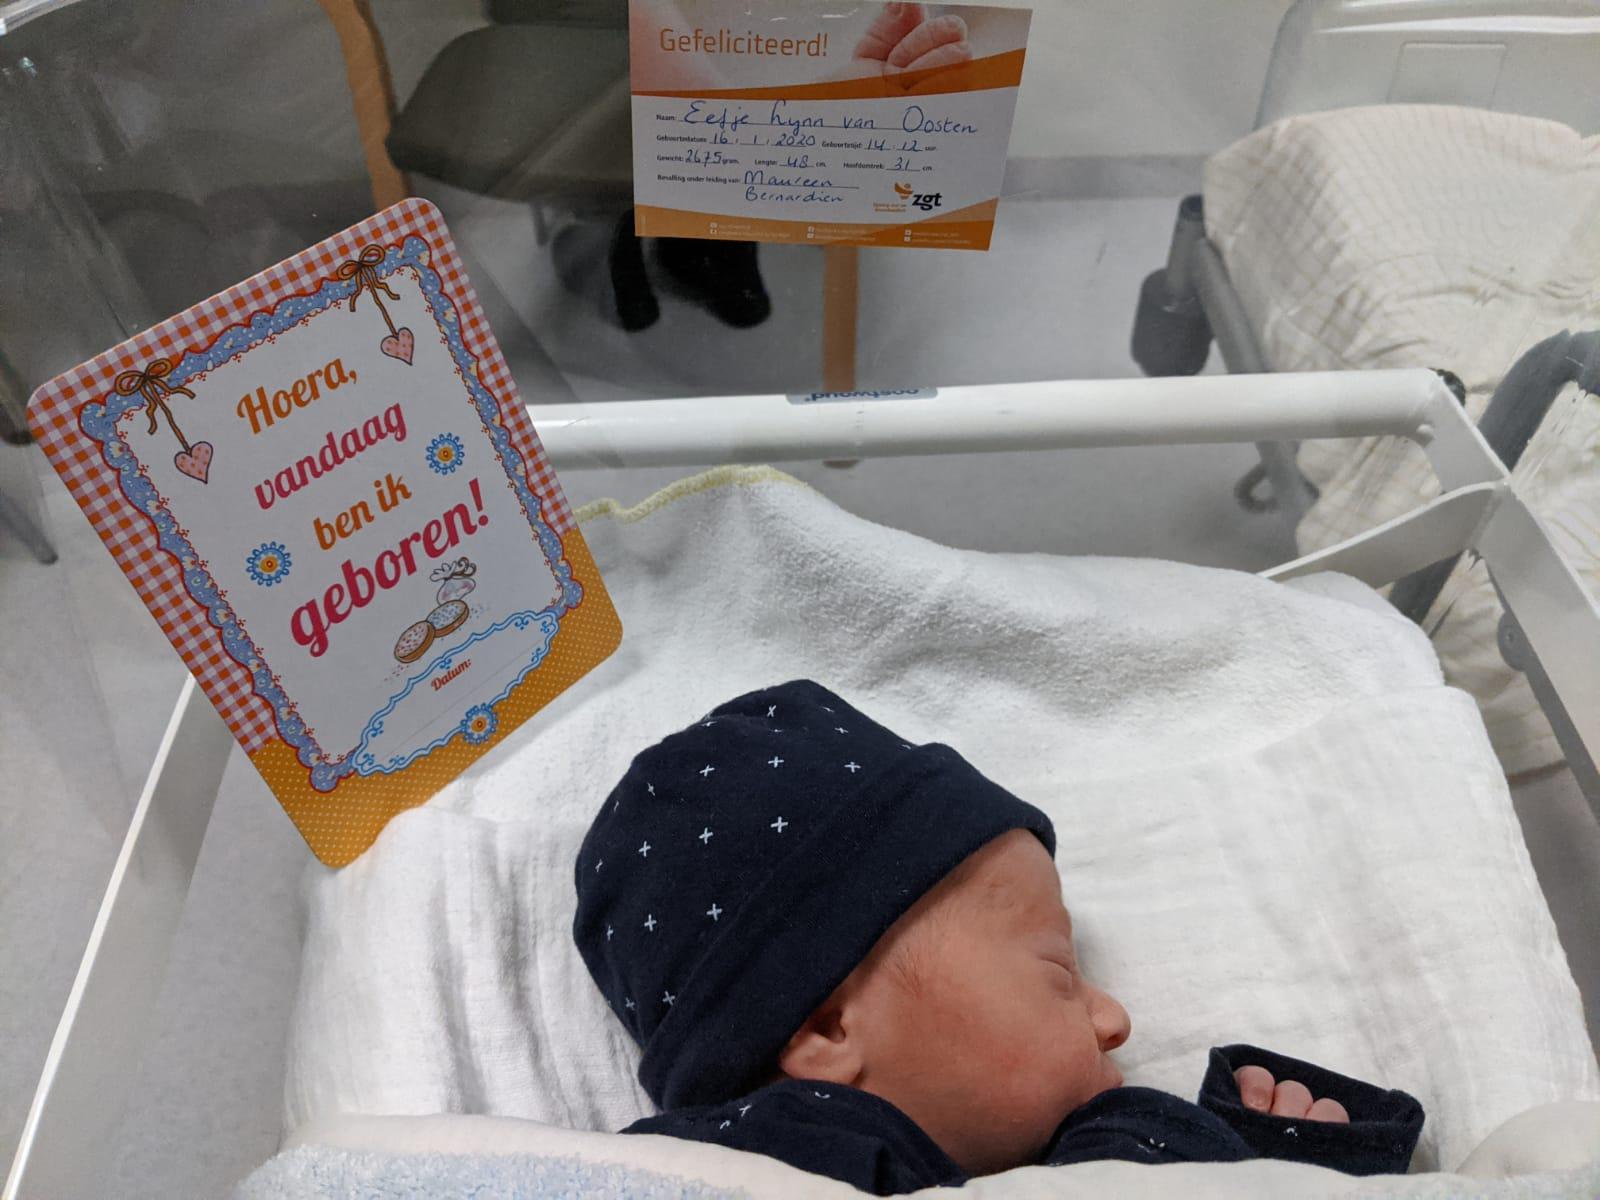 Bevallingsverhaal, Eefje is geboren!